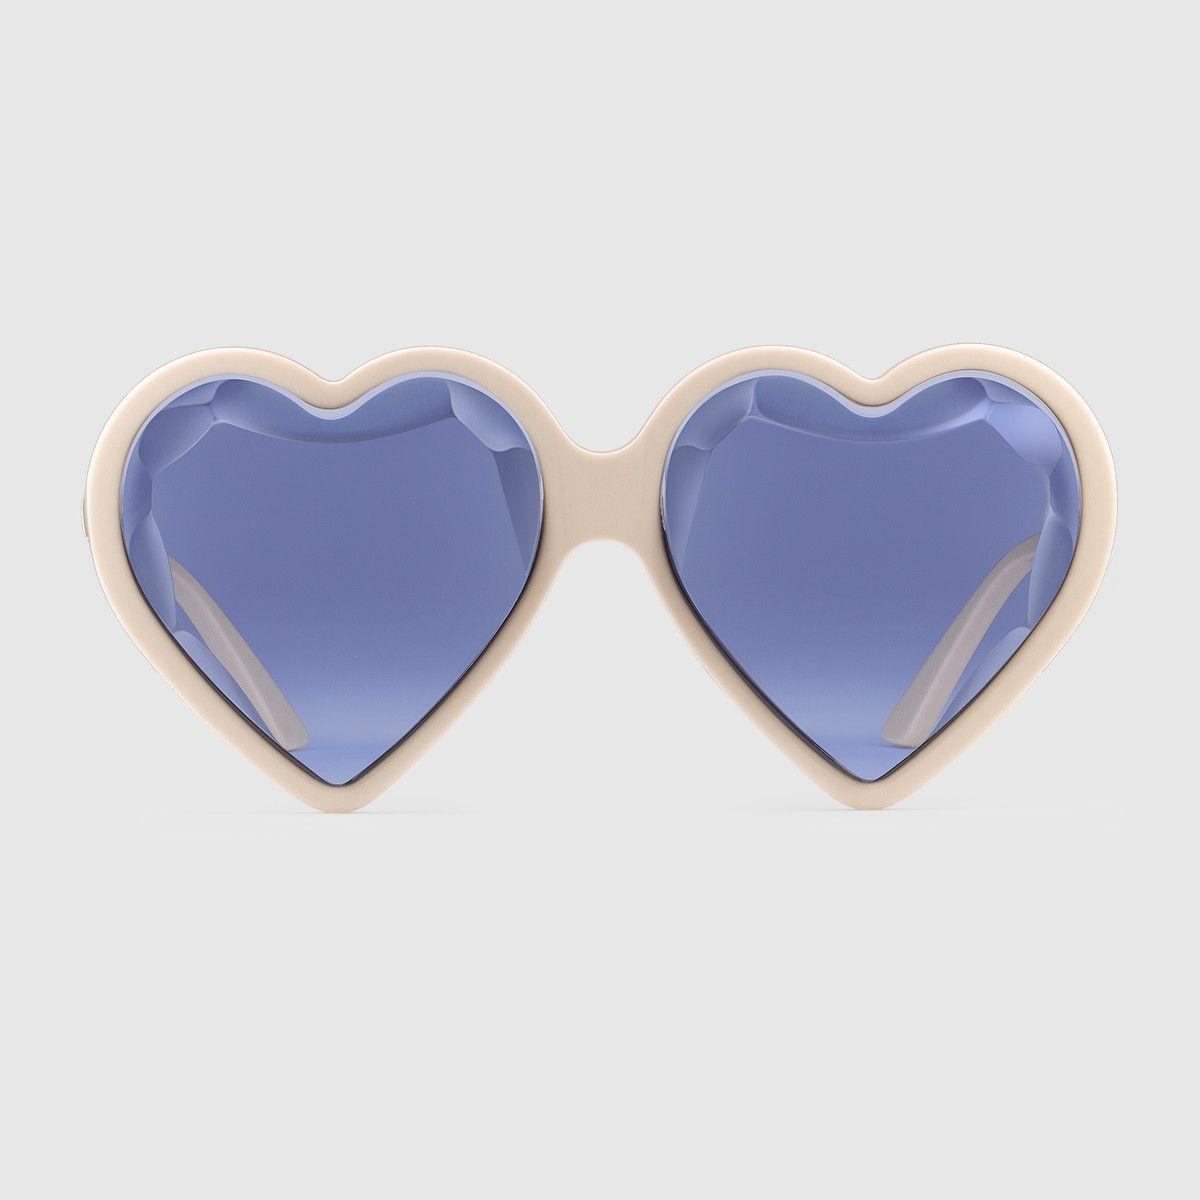 6b38fa21ab1 Gucci Heart-frame acetate sunglasses